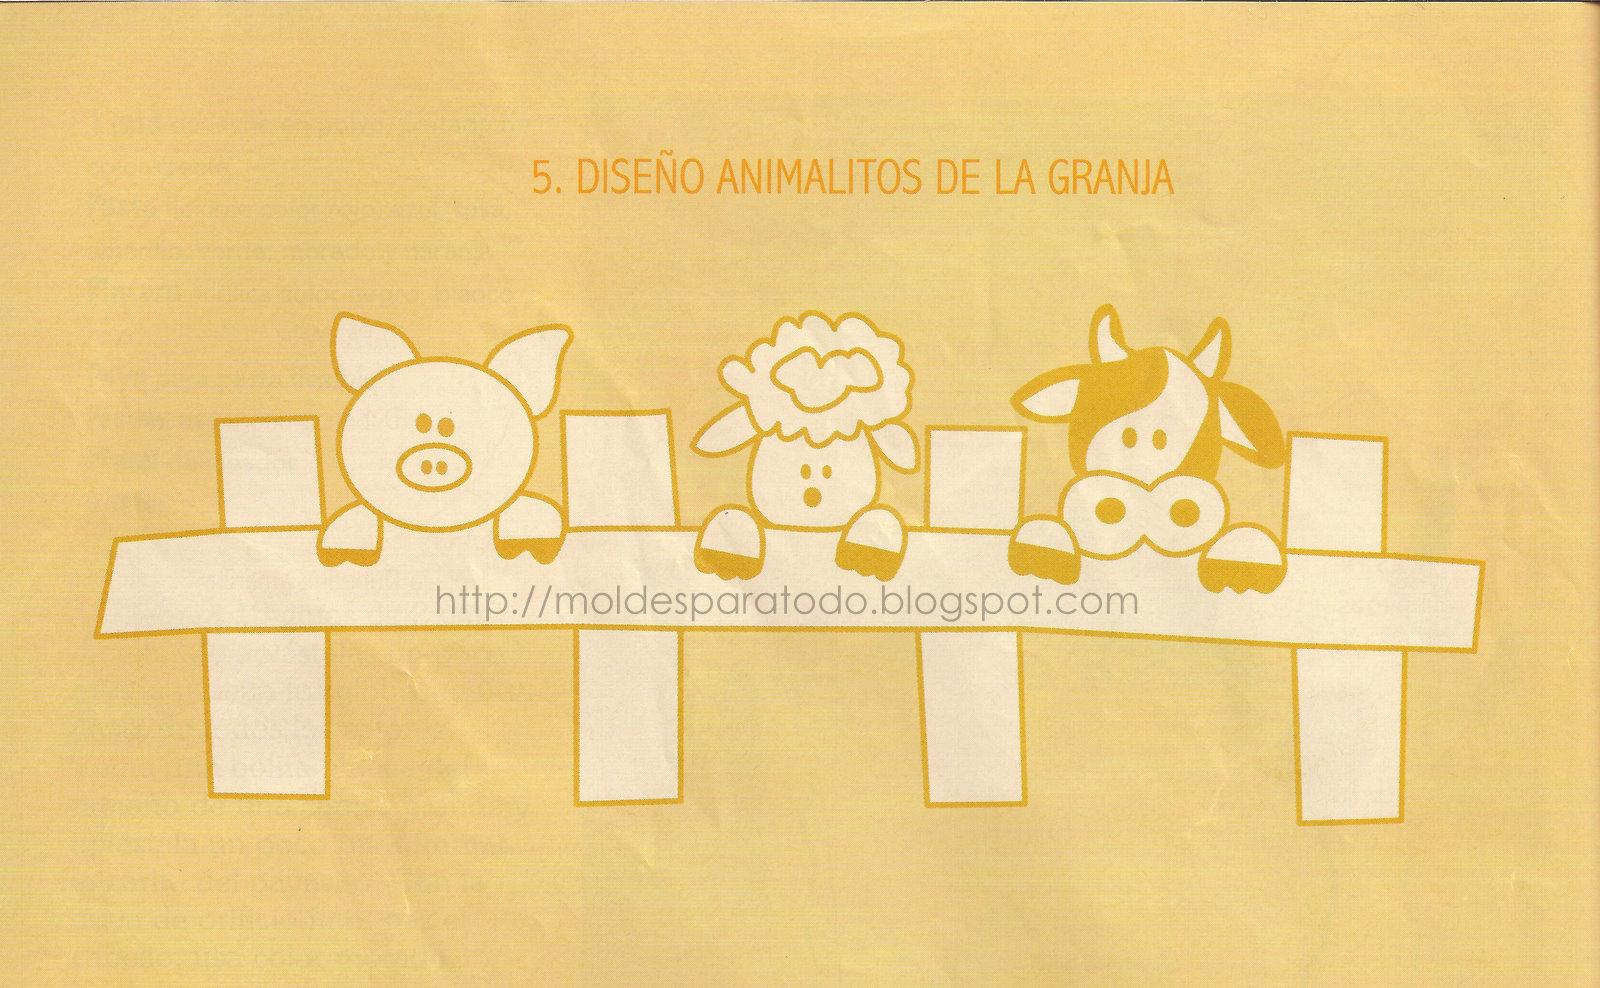 Moldes para Todo: = Especieros Animalitos de la Granja =